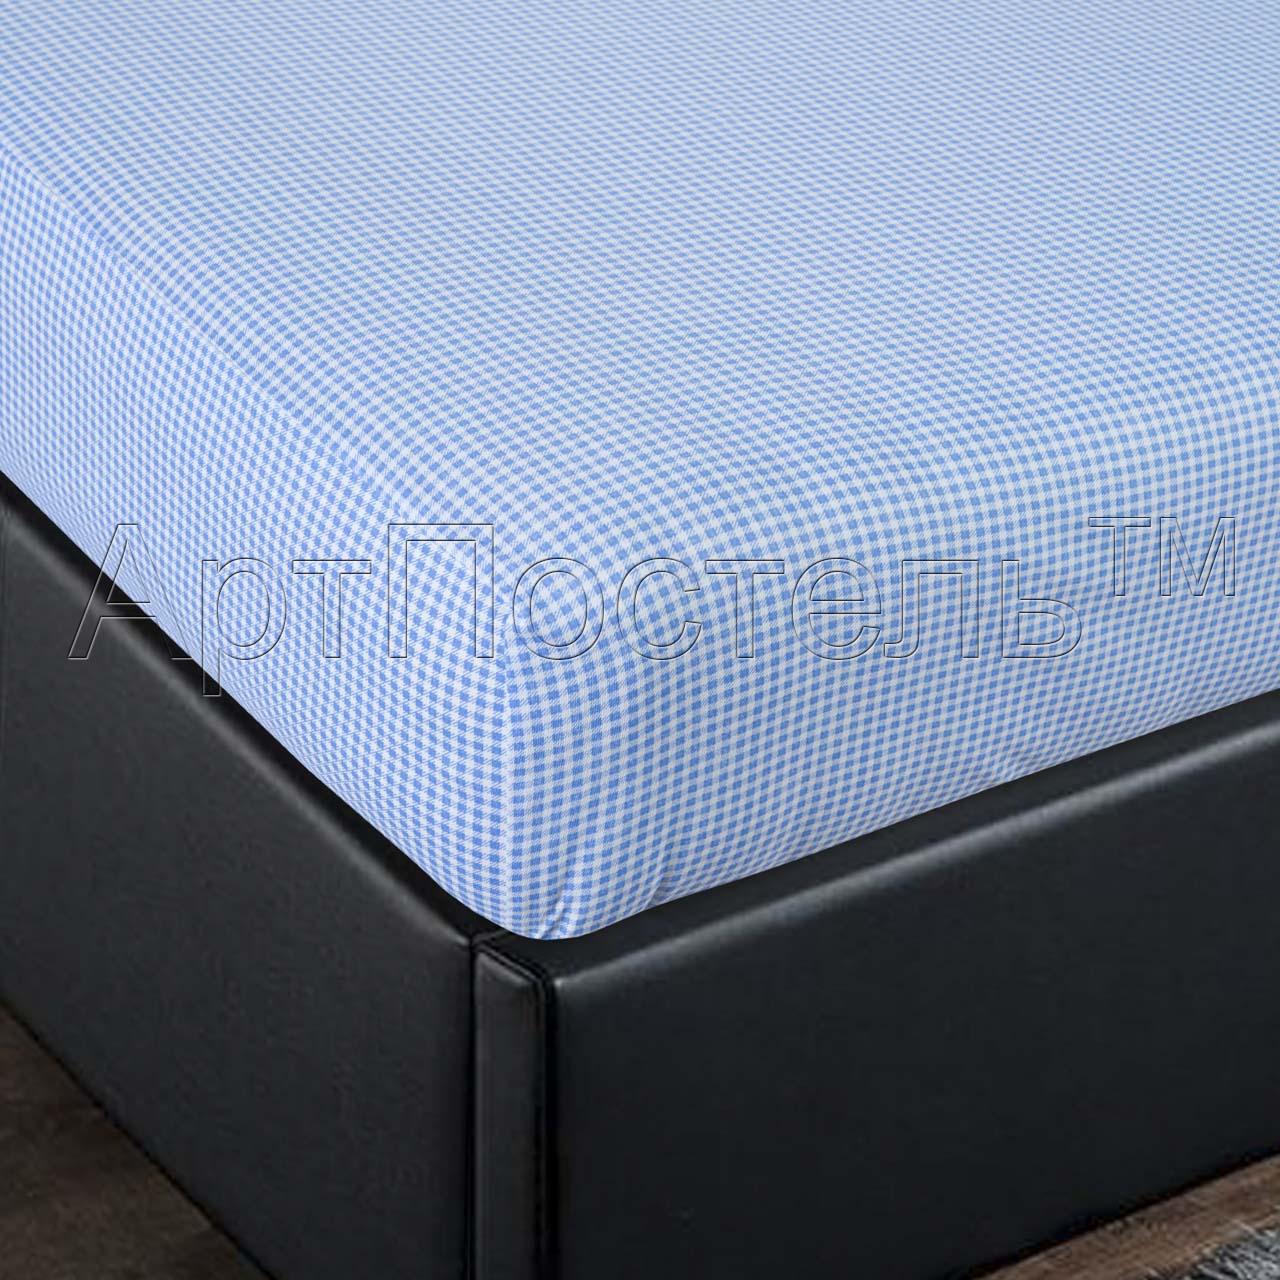 Простыня на резинке Клетка Синий, размер 90х200 смПростыни<br>Плотность ткани: 145 г/кв. м <br>Высота матраса: 20 см<br><br>Тип: Простыня<br>Размер: 90х200<br>Материал: Кулирка